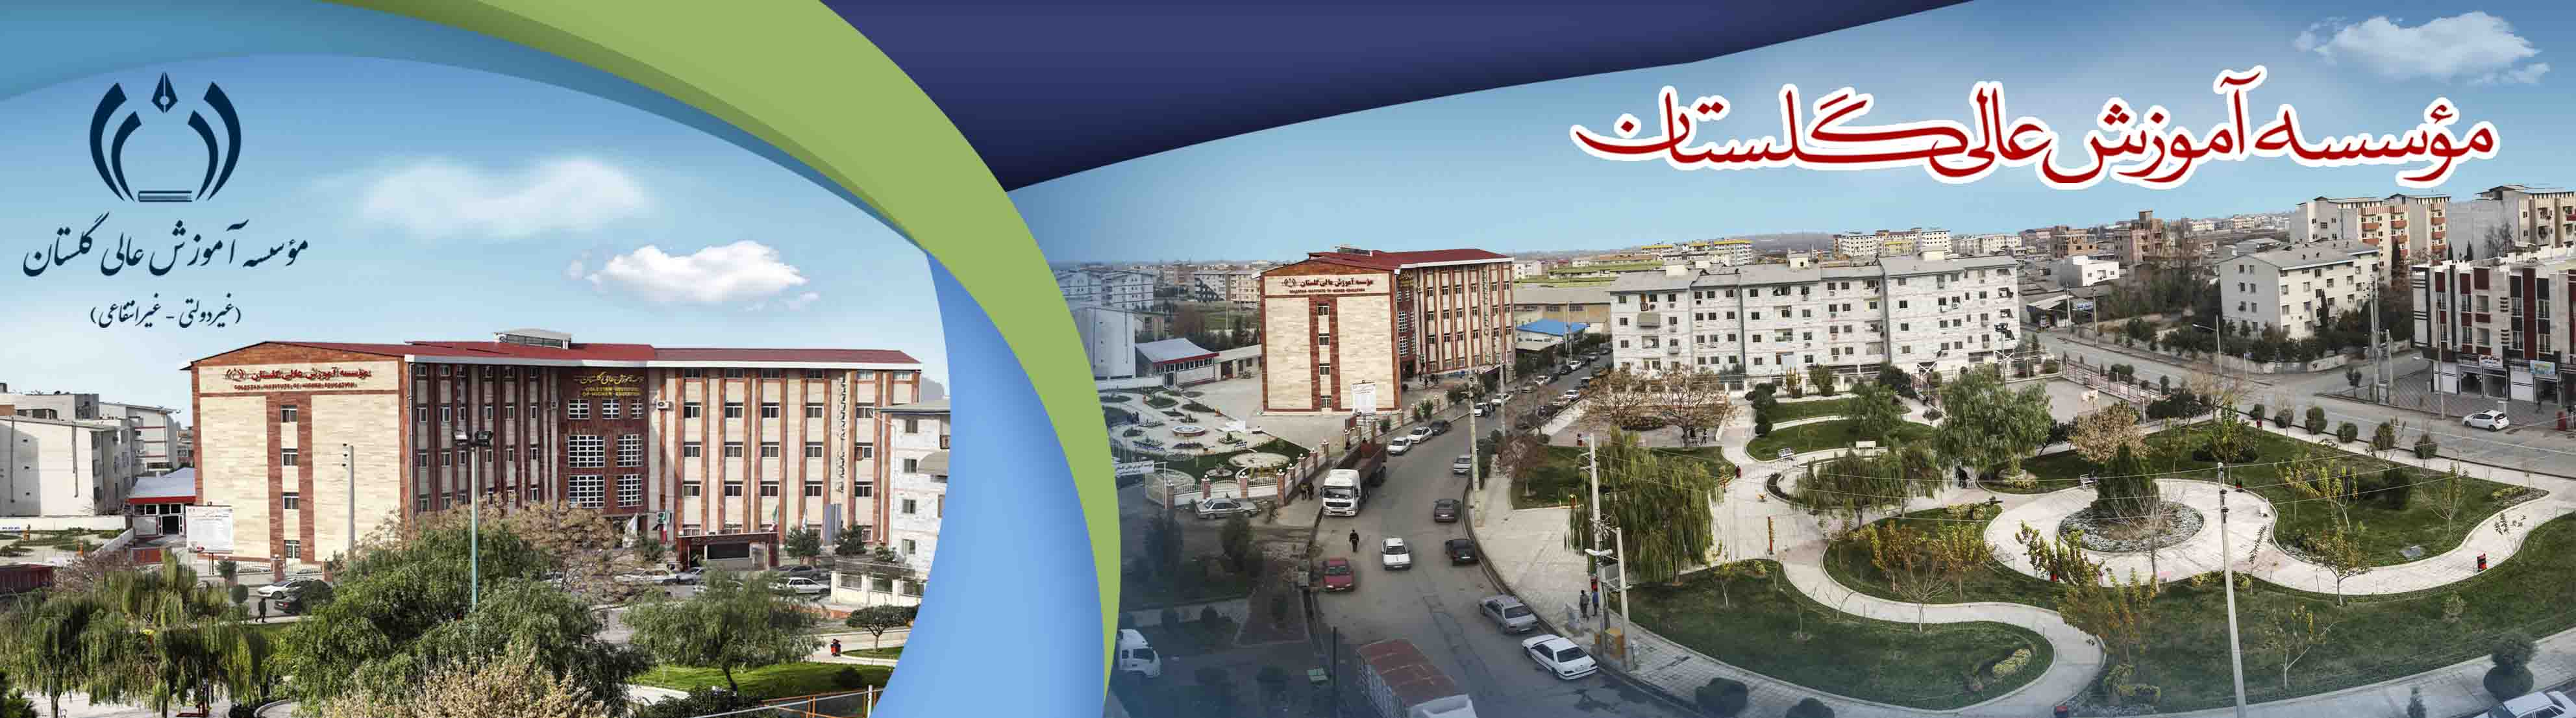 موسسه آموزش عالی گلستان